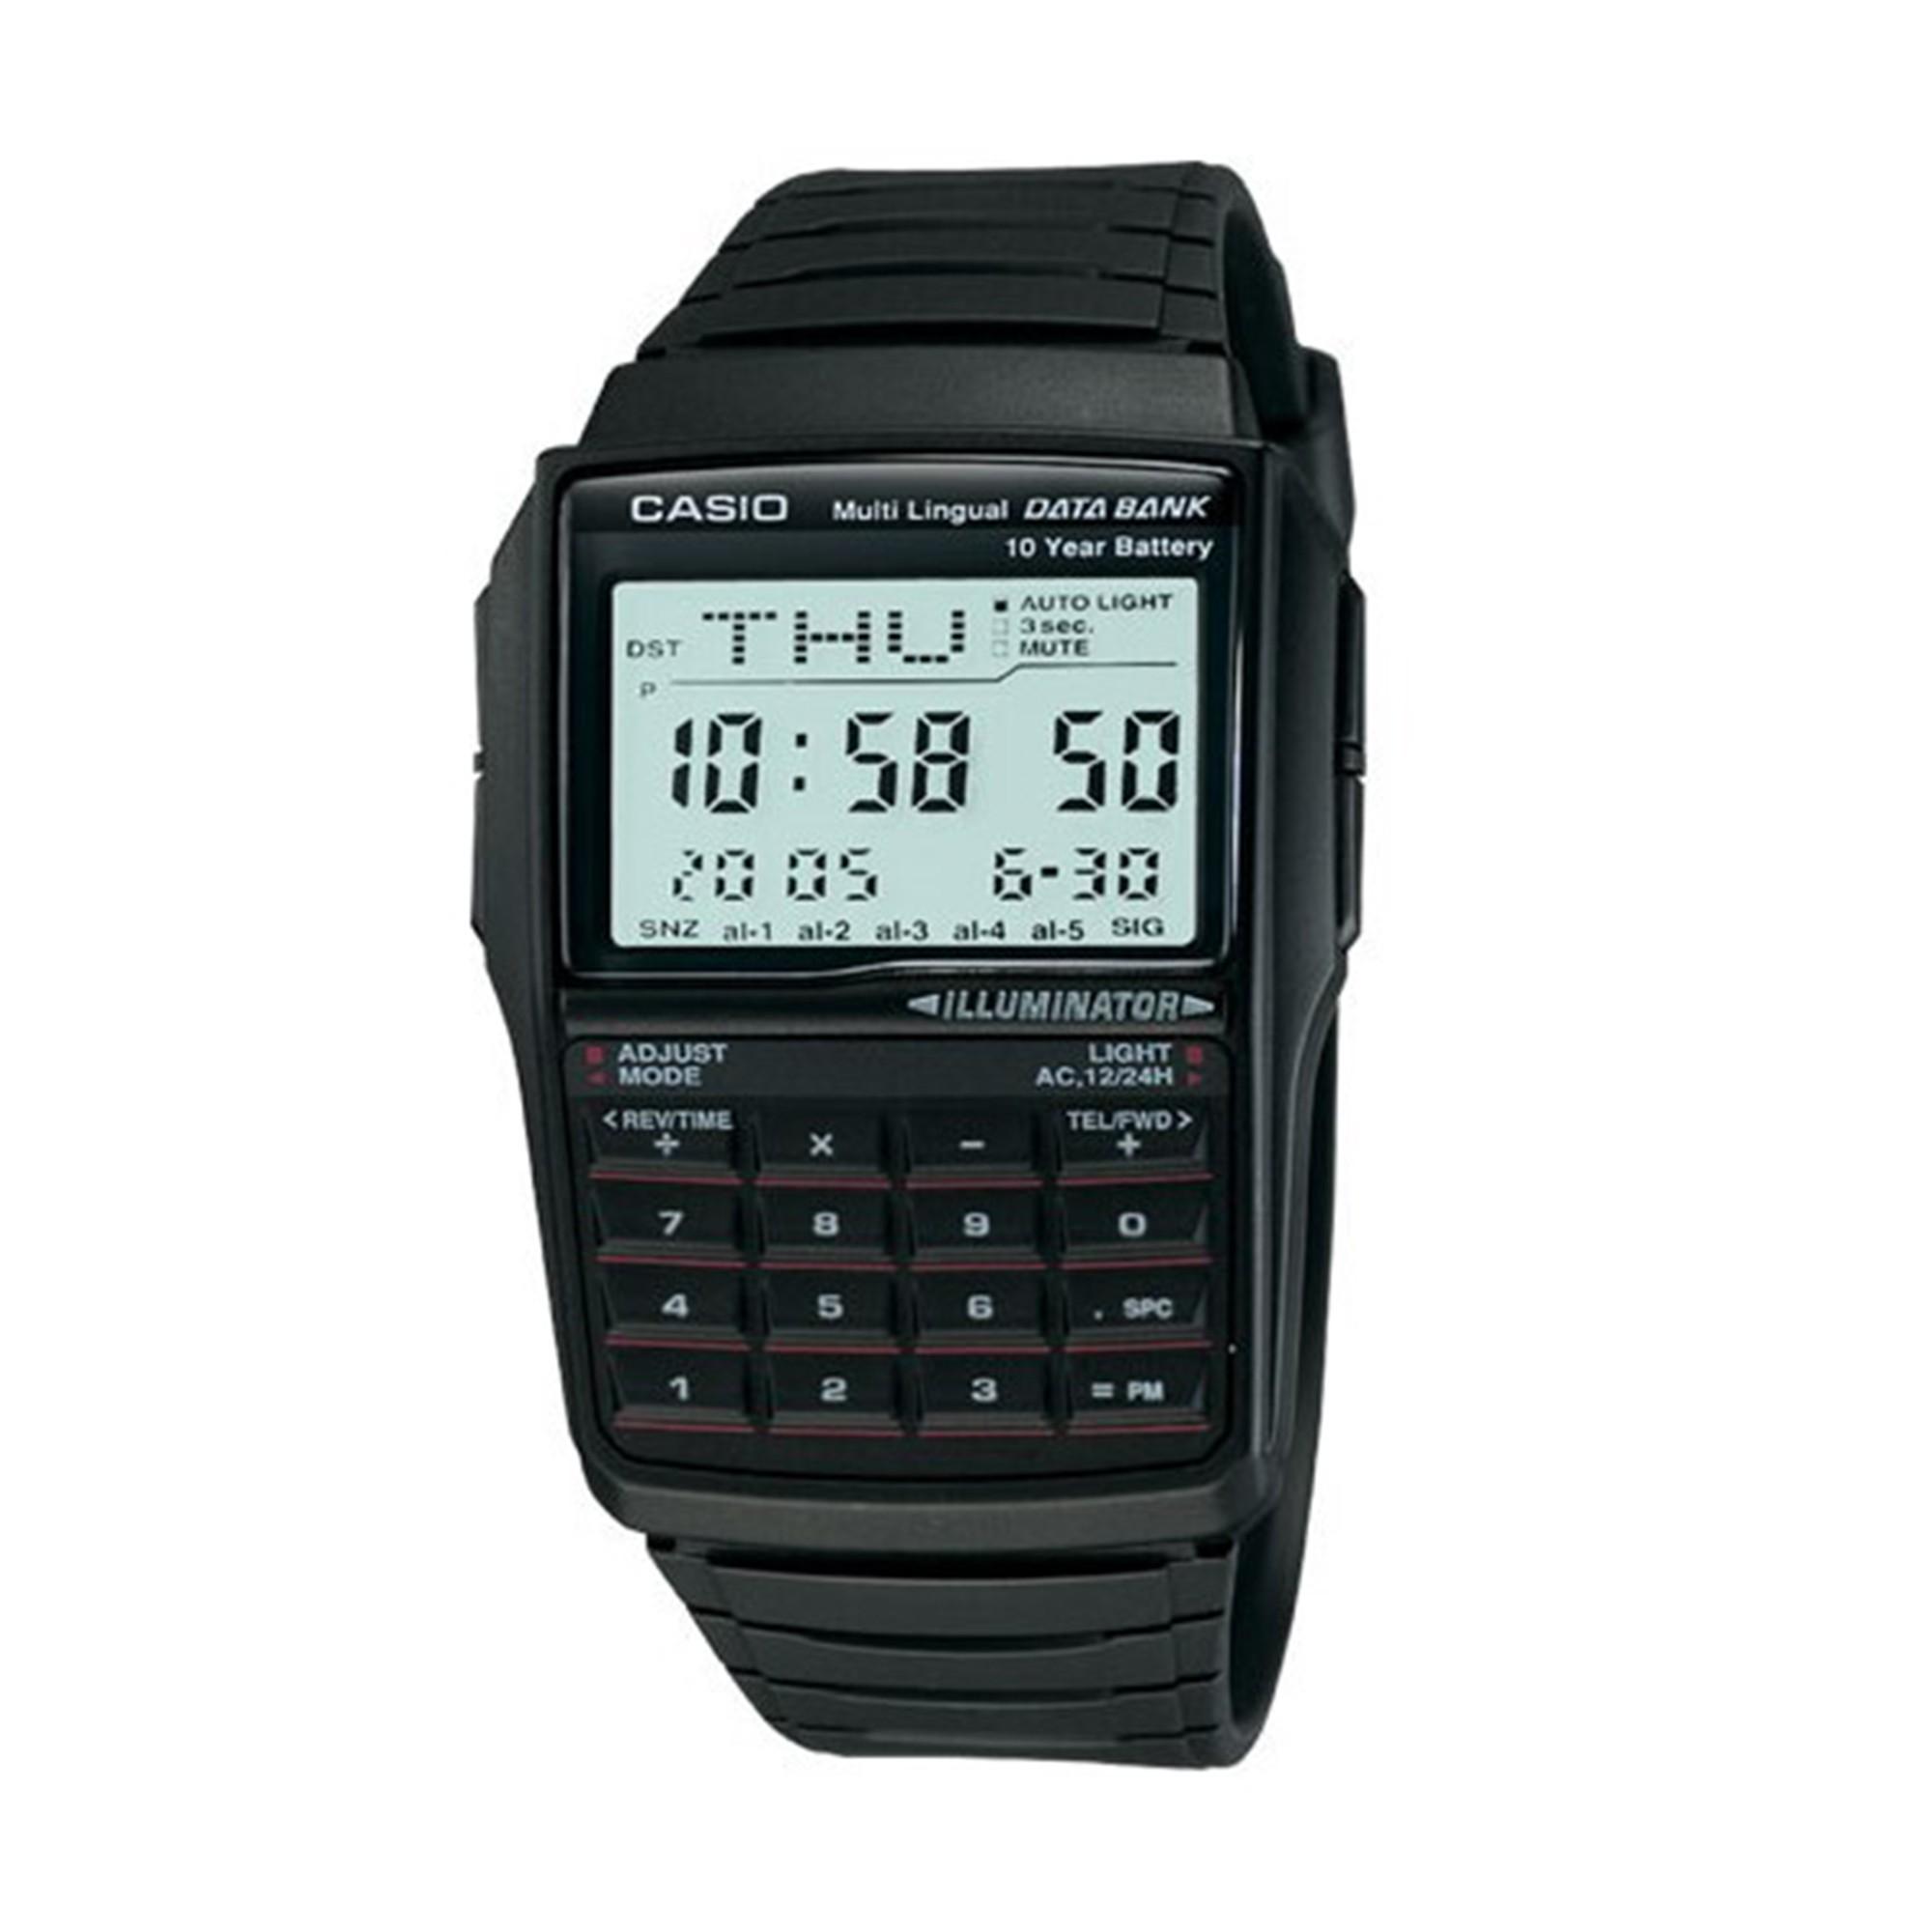 Casio Data Bank Calculator